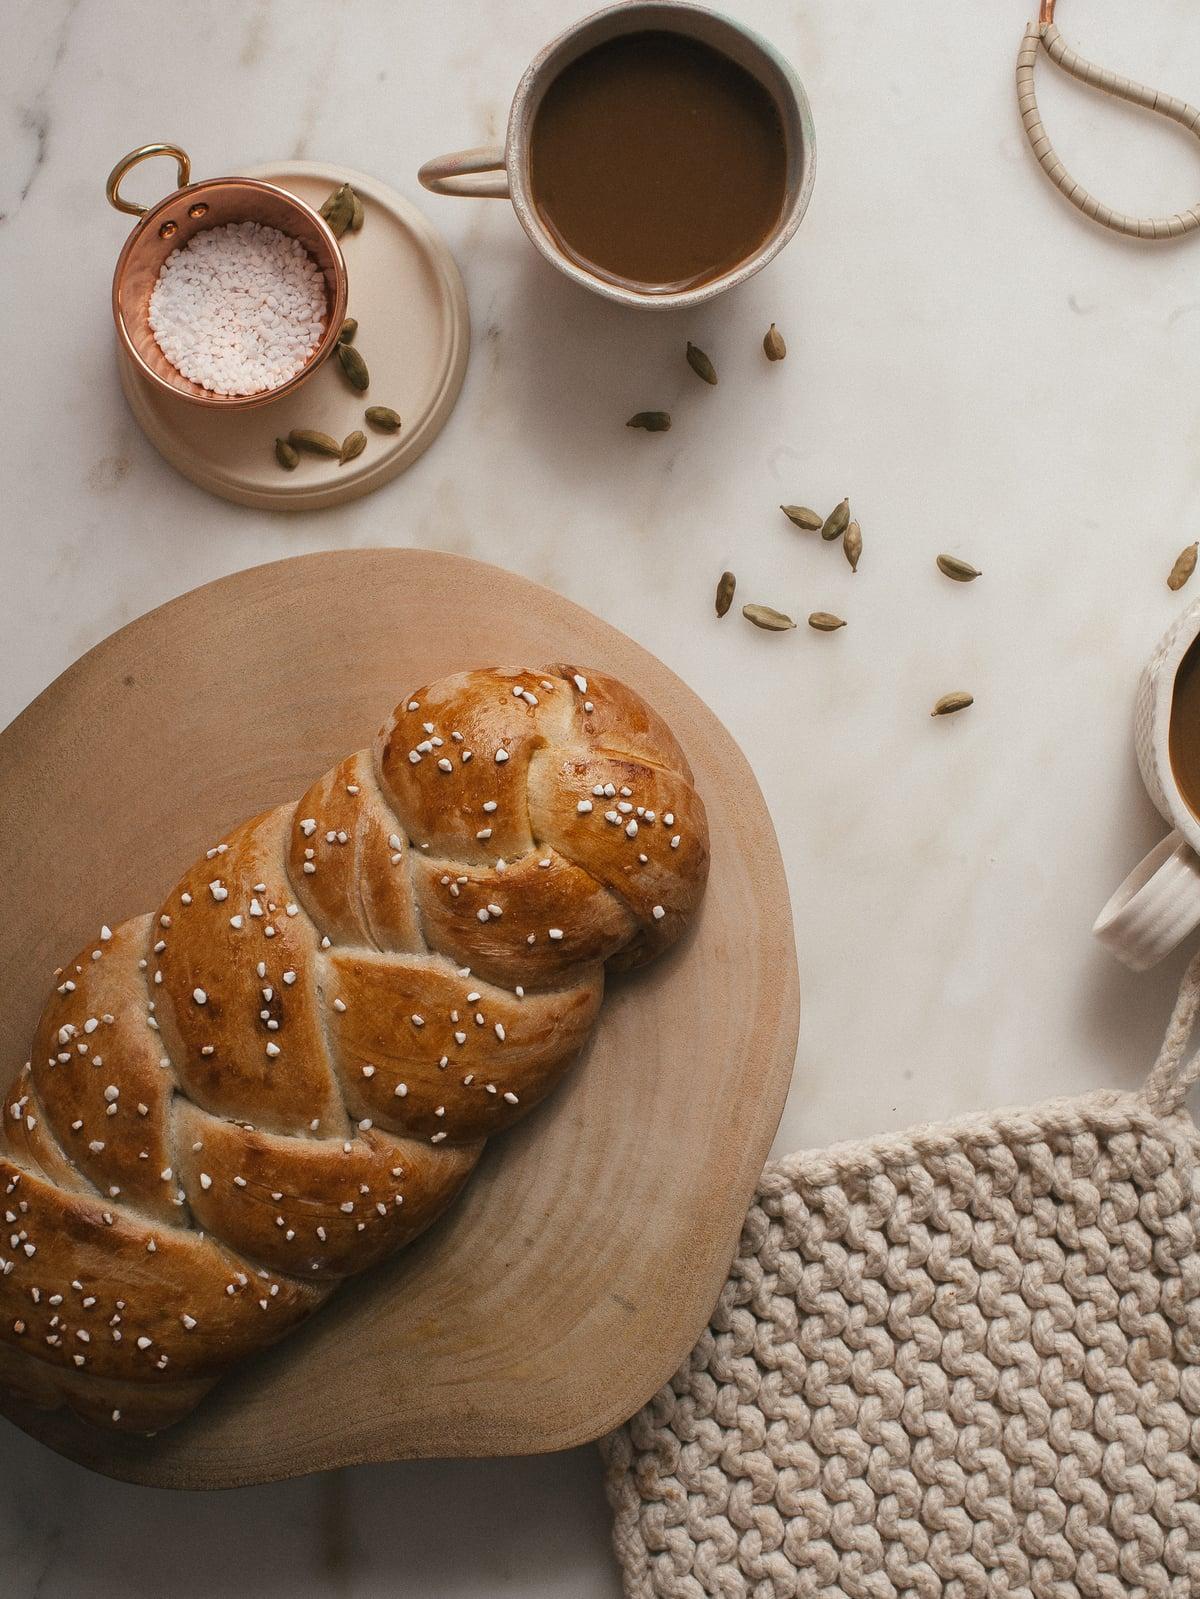 Swedish Cardamom Braided Loaf